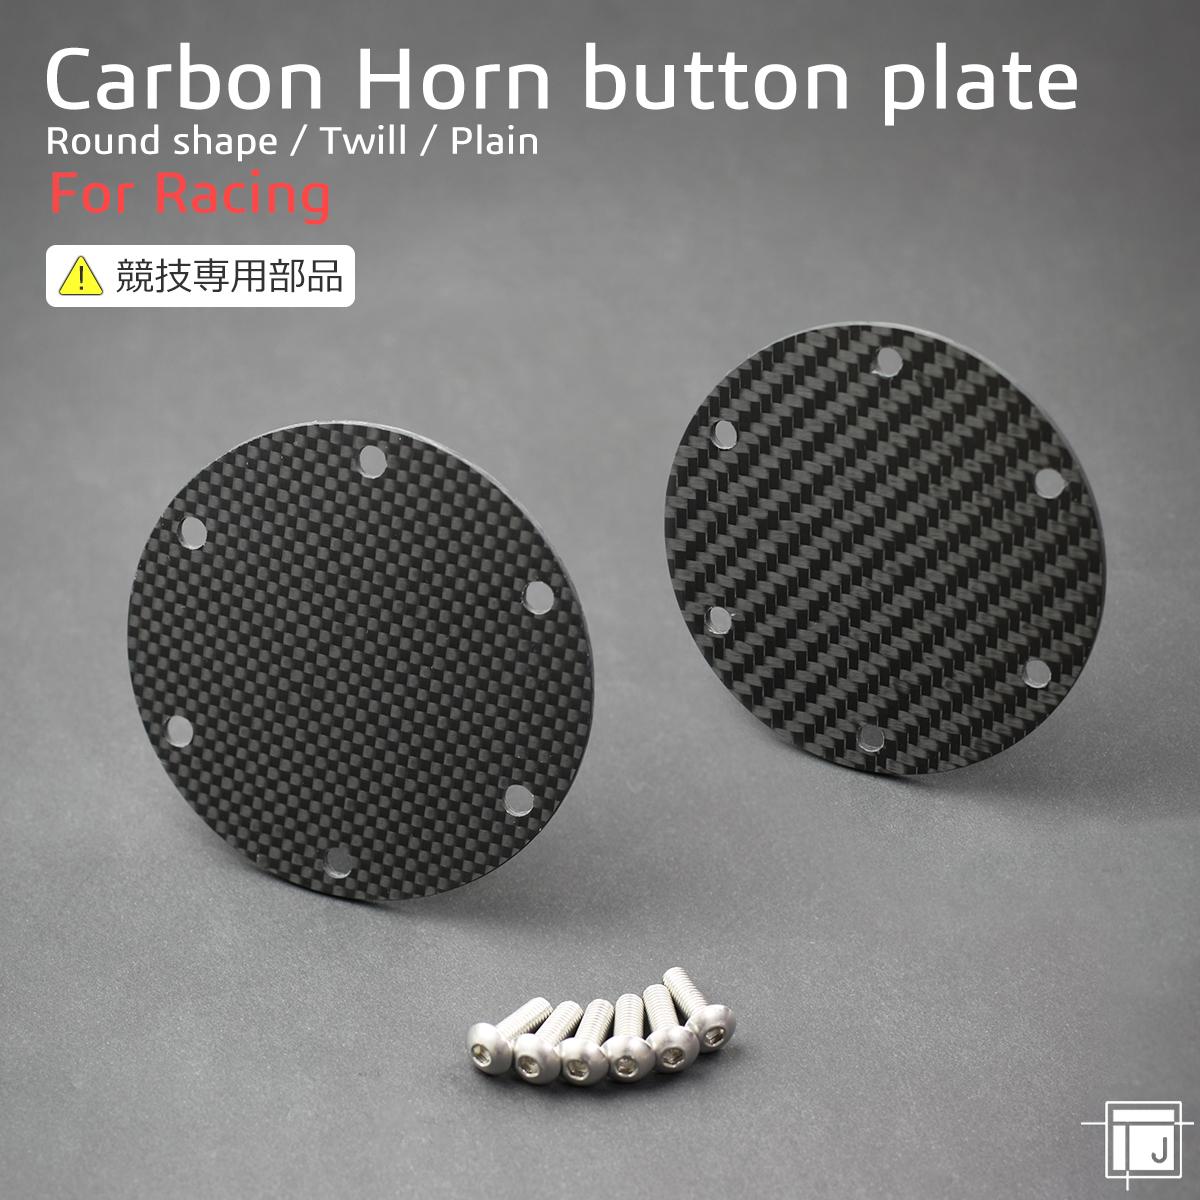 日本製 ホーンボタンプレート 丸型 MOMOサイズ ドライカーボン製 綾織/平織 PCD70mm OMPやスパルコなども ボルト付 めくら板 蓋 スイッチの加工用にも シモーニ モモ プレート 円形 まる TJ